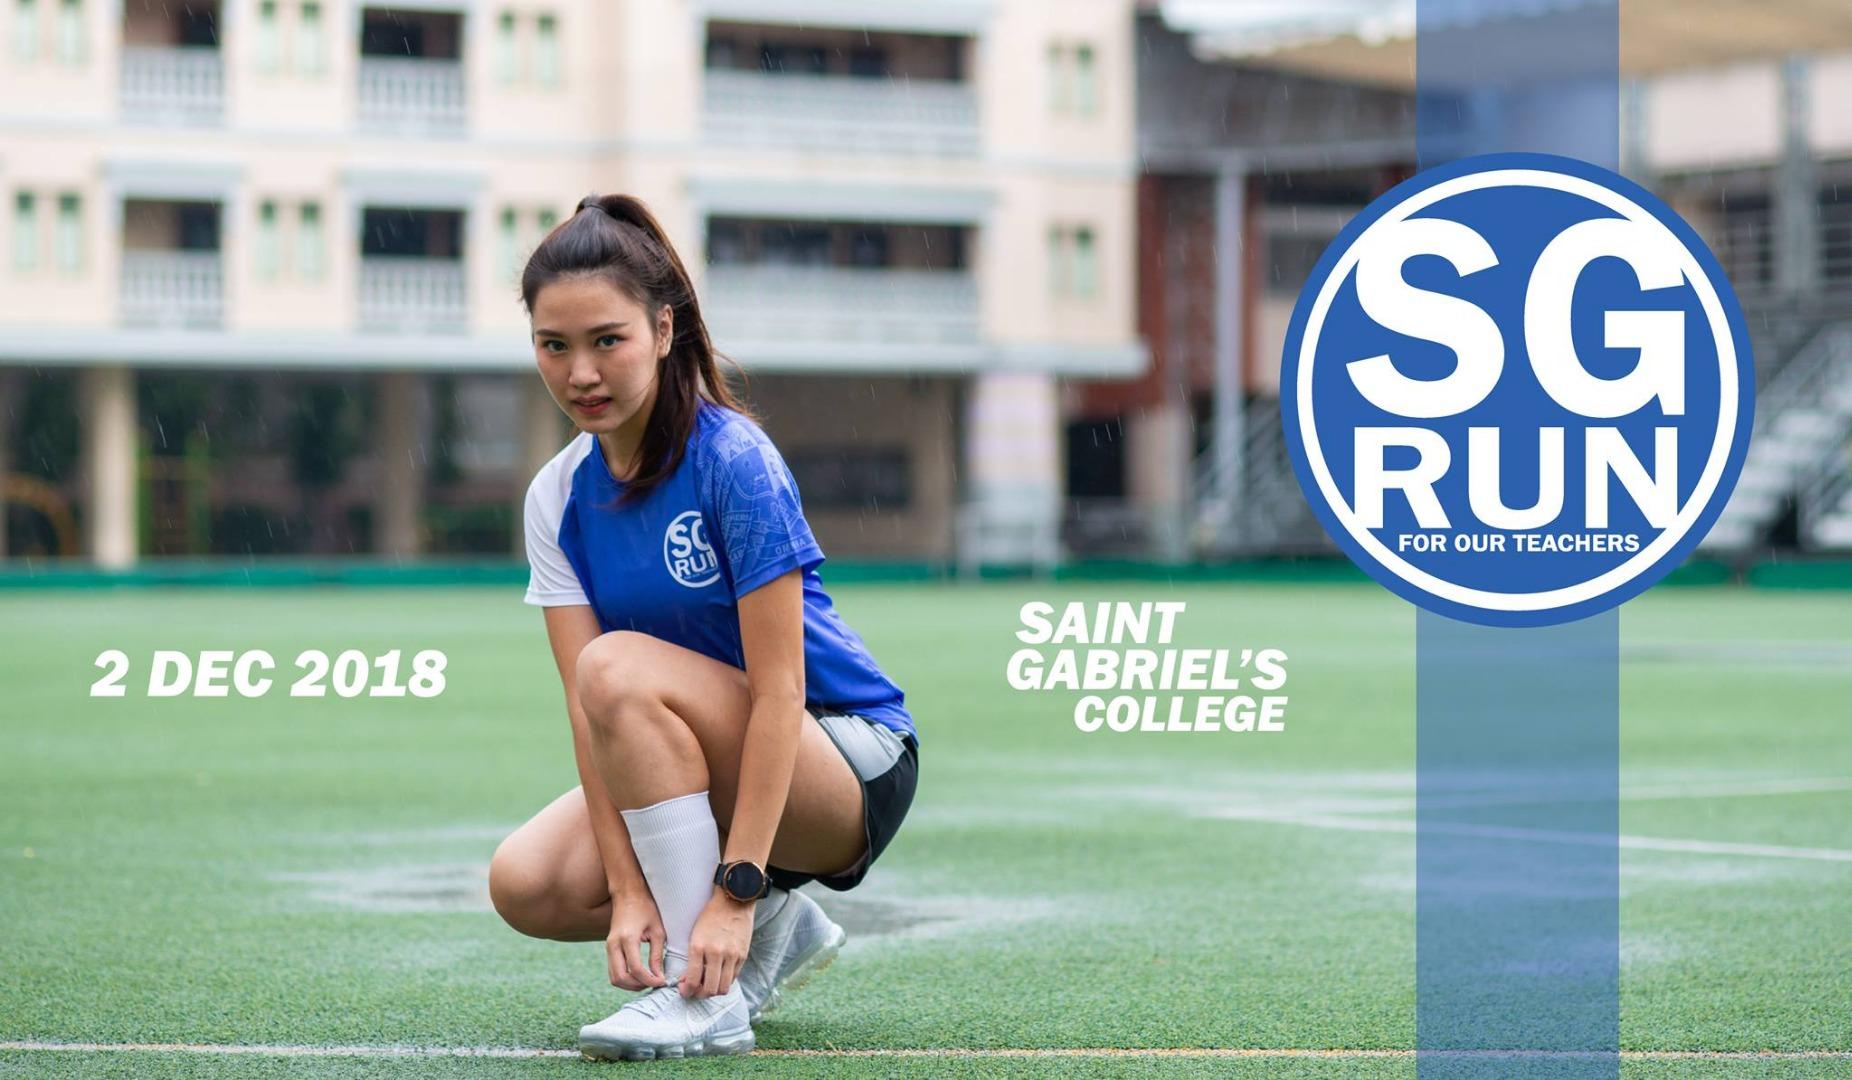 SG Run 2018